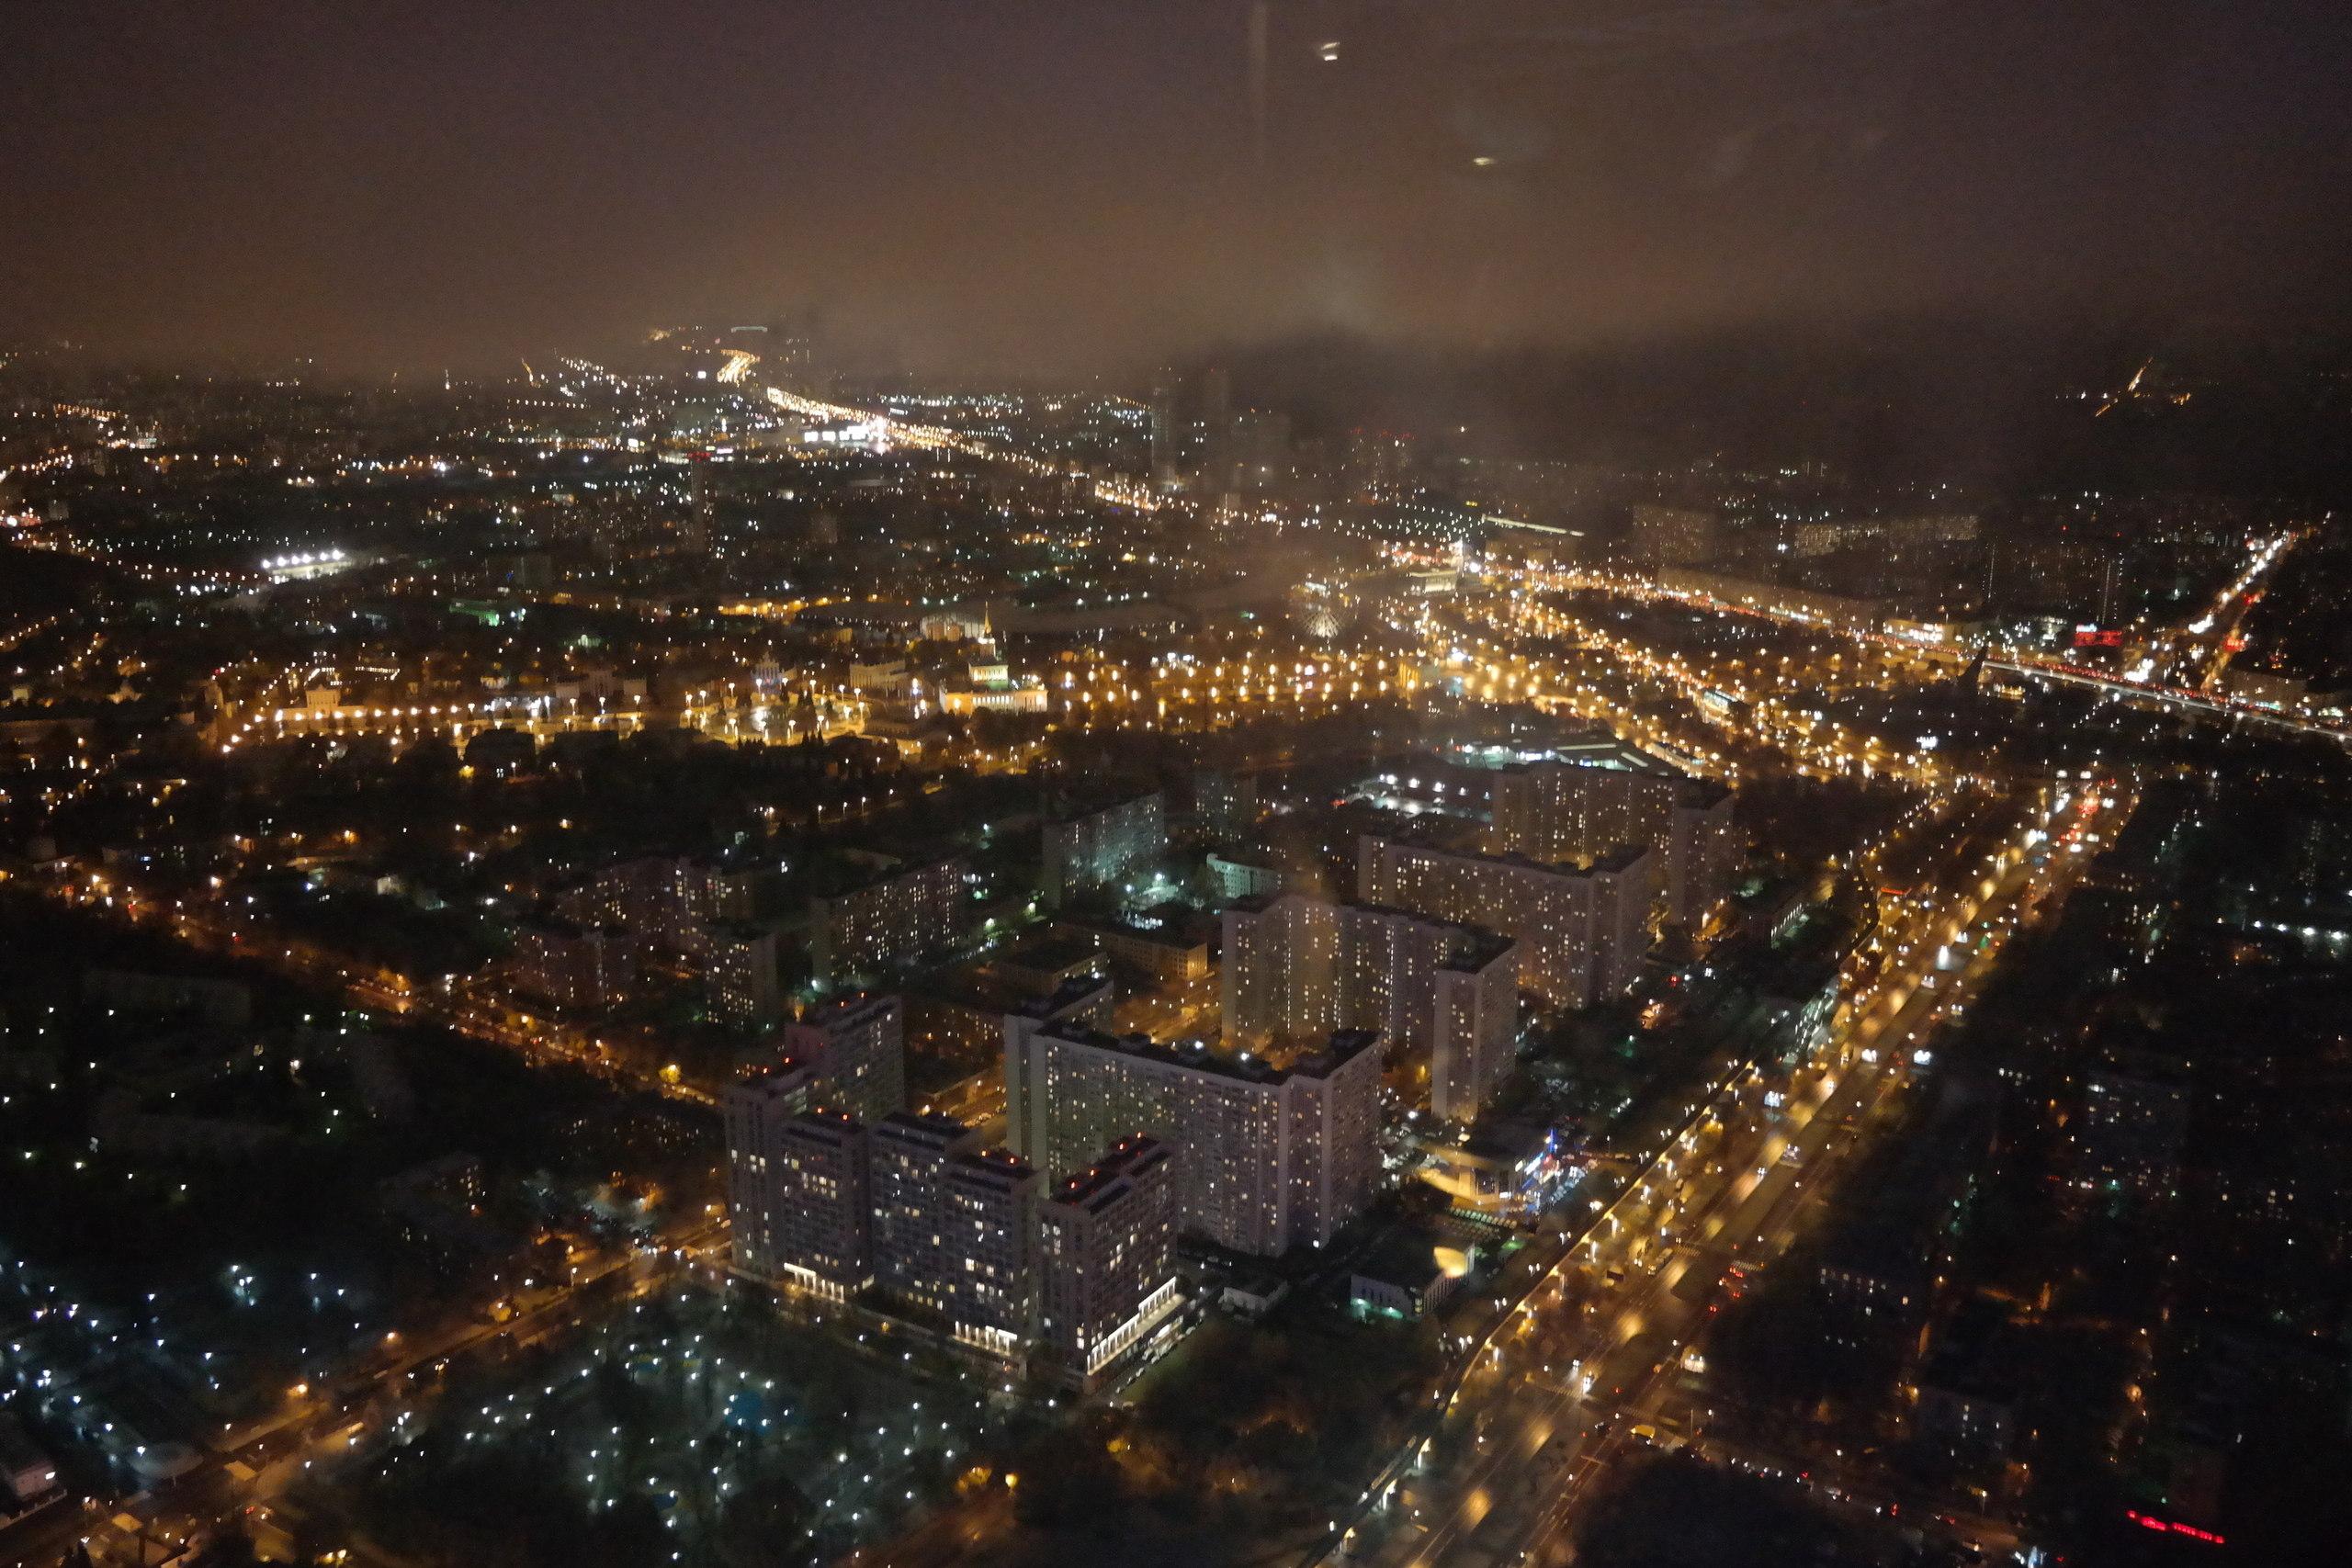 фото зимней ночной москвы с крыши сами приезжают хозяева